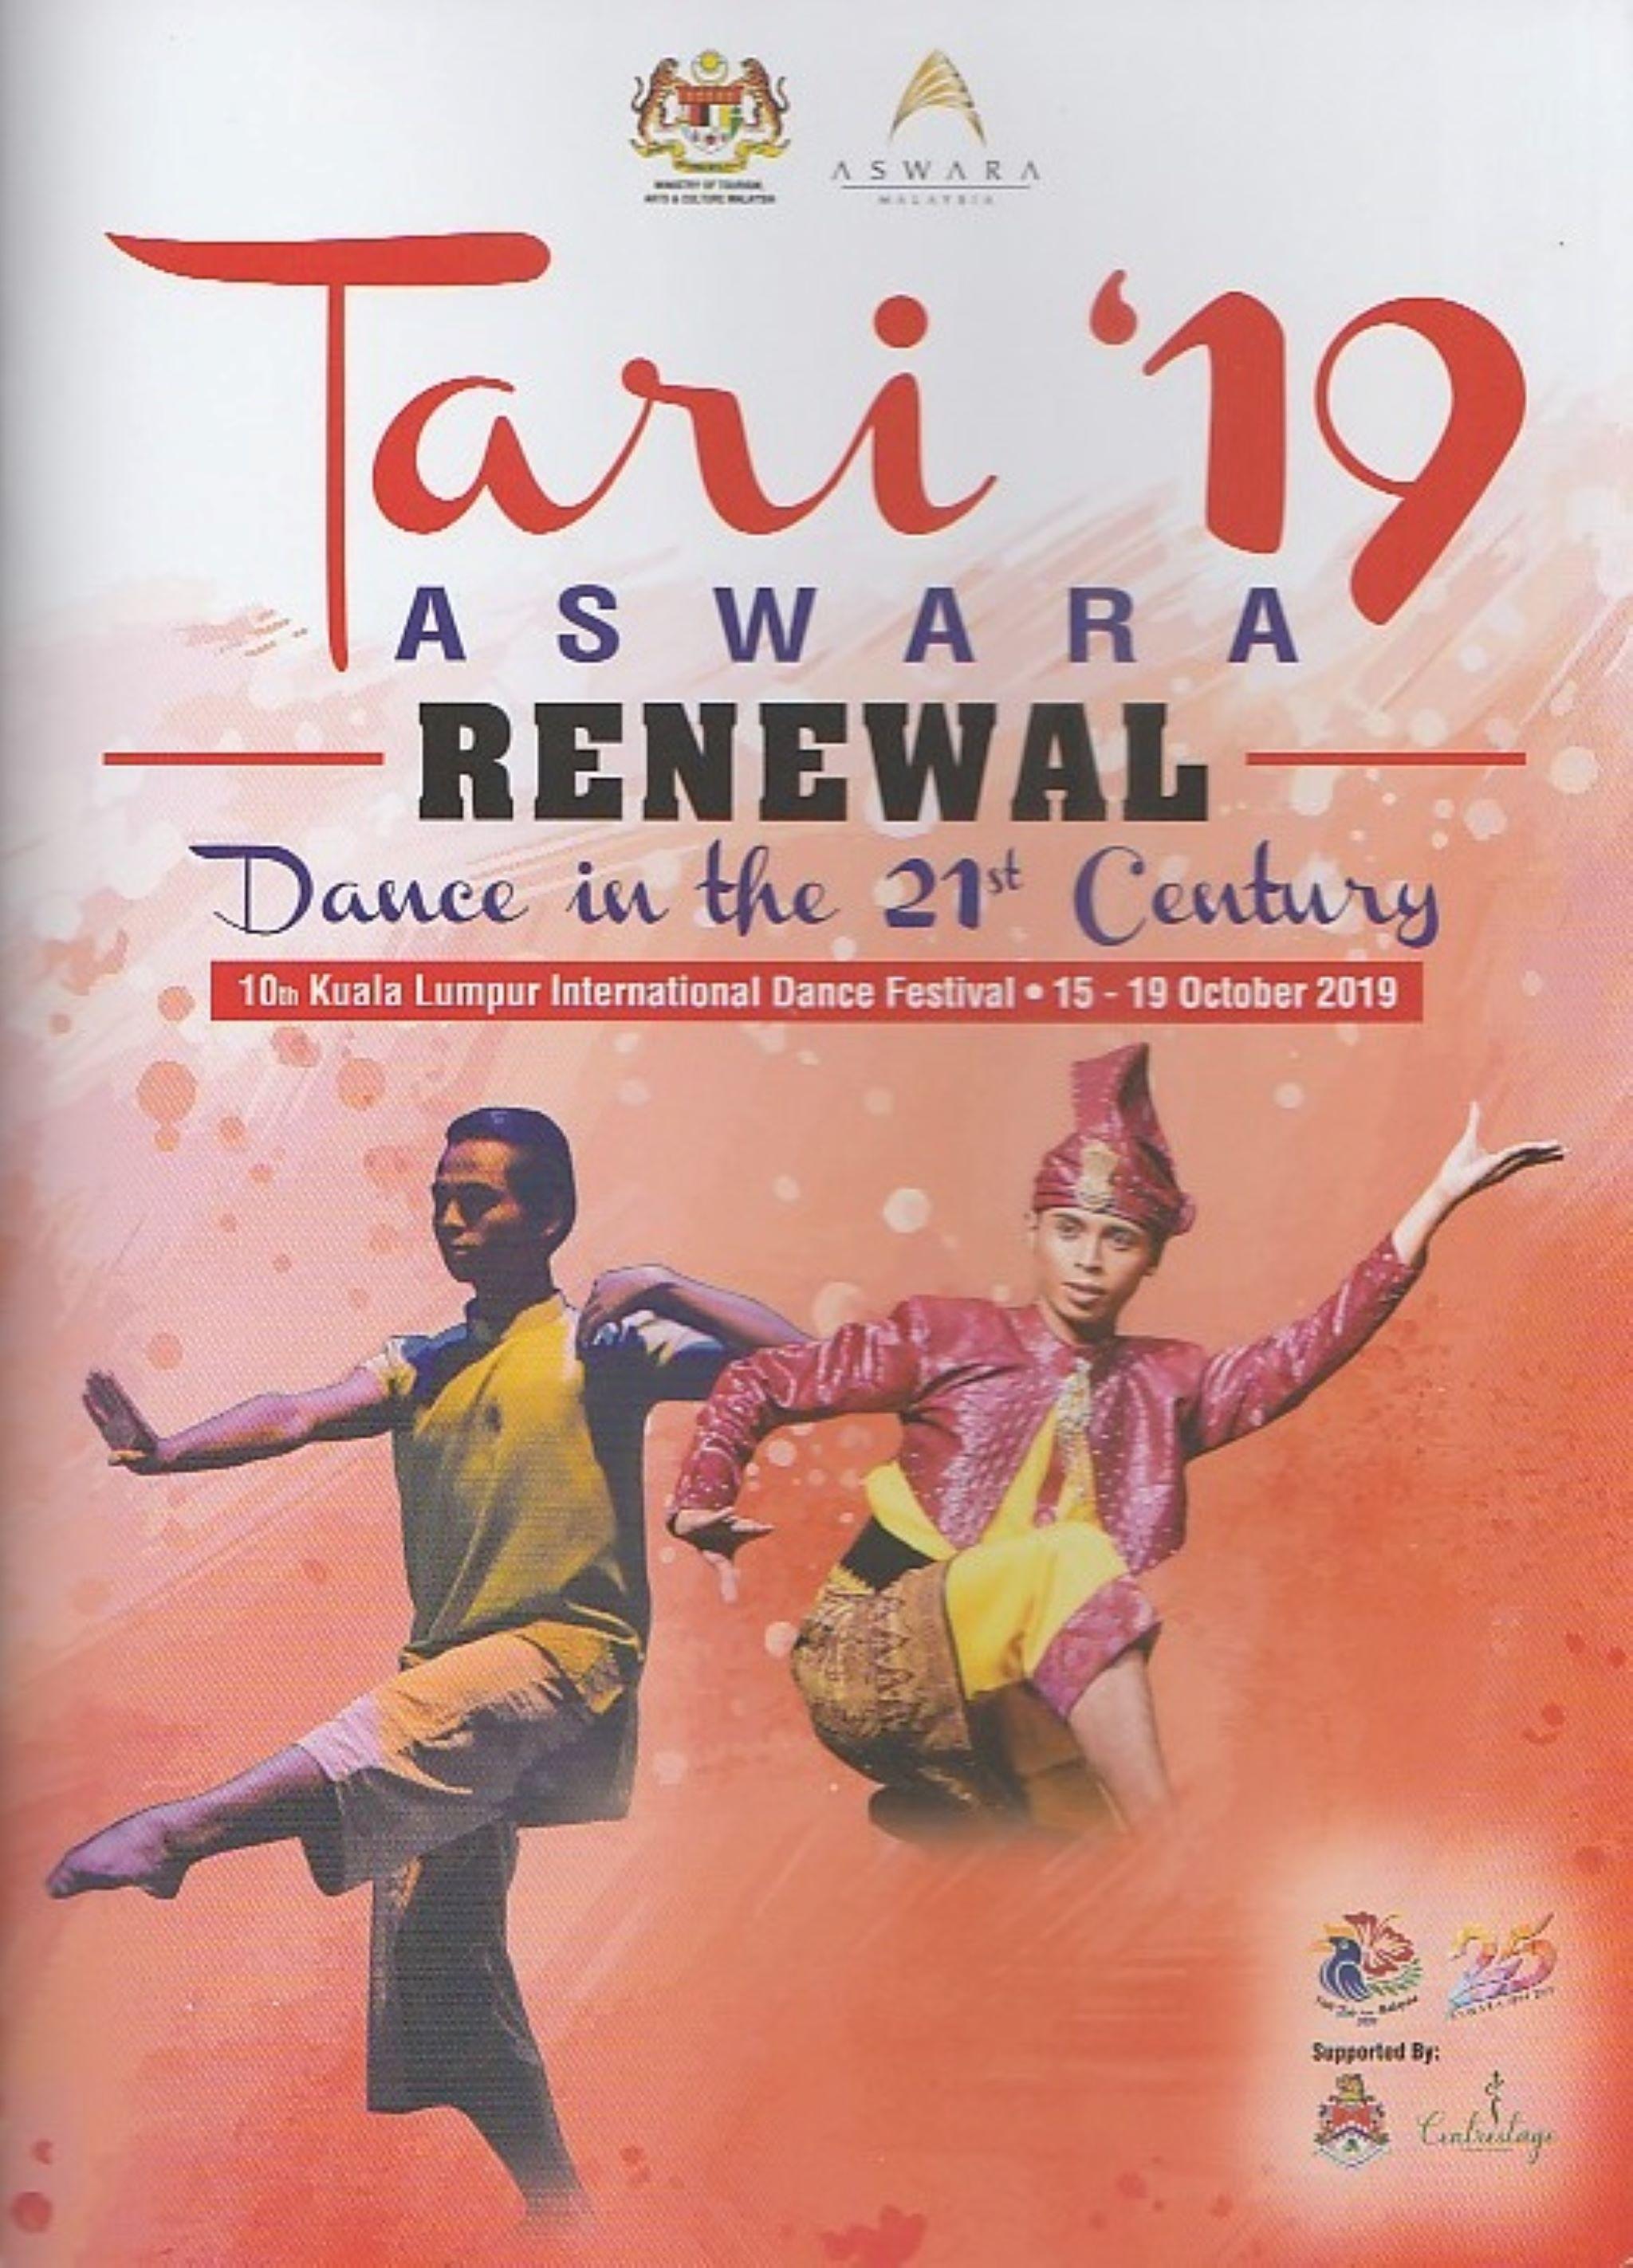 2019 Tari'19 Aswara Cover